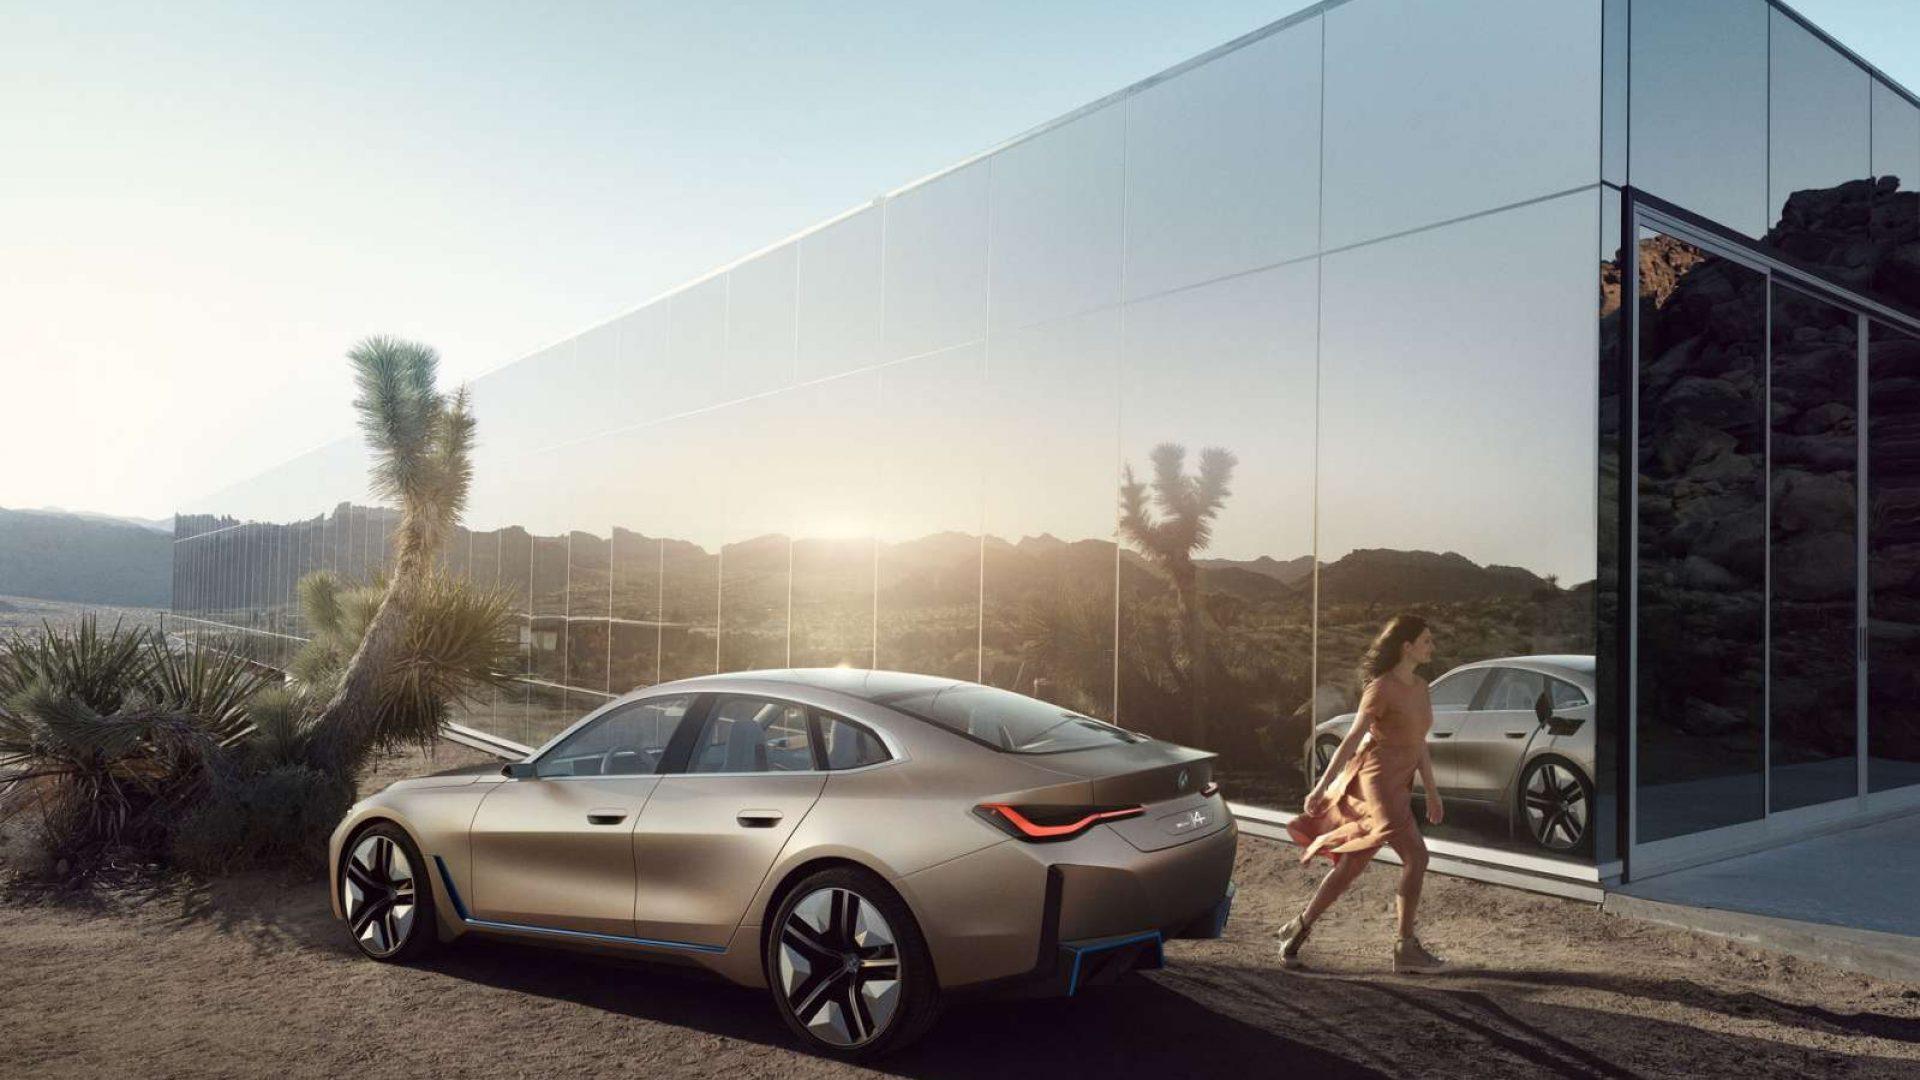 2020-BMW-Concept-i4-19